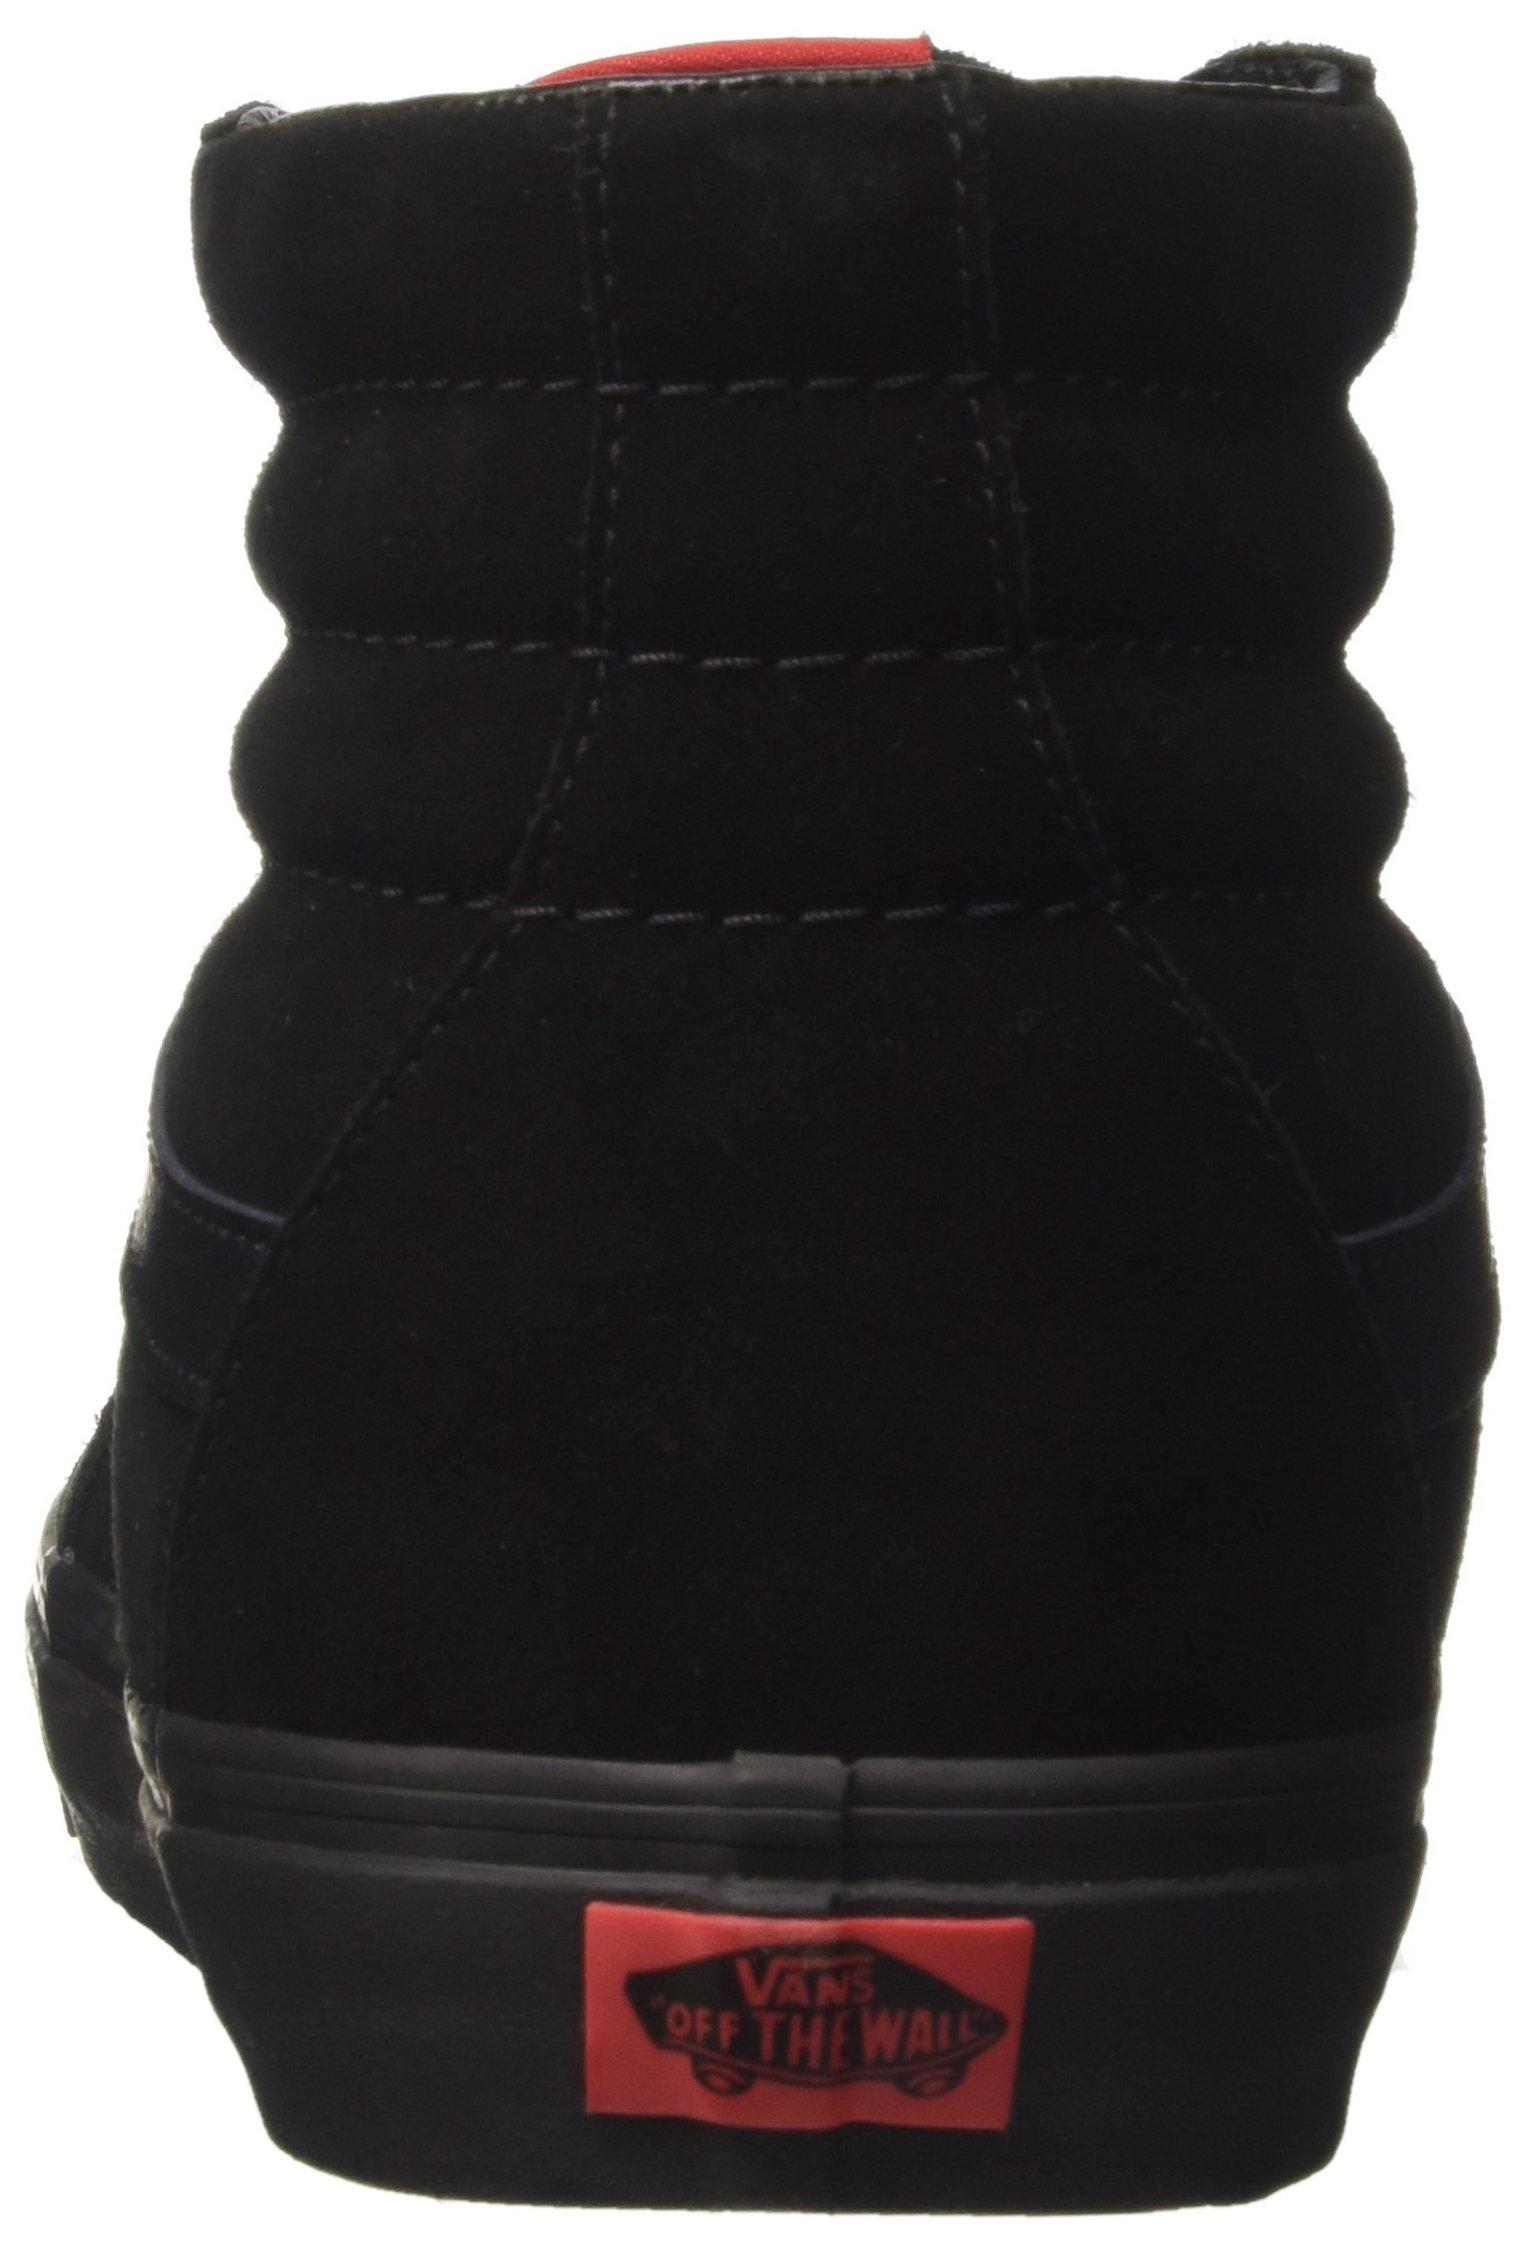 Vans Unisex SK8-Hi MTE (MTE) Black/Leather 6 Women / 4.5 Men M US by Vans (Image #2)